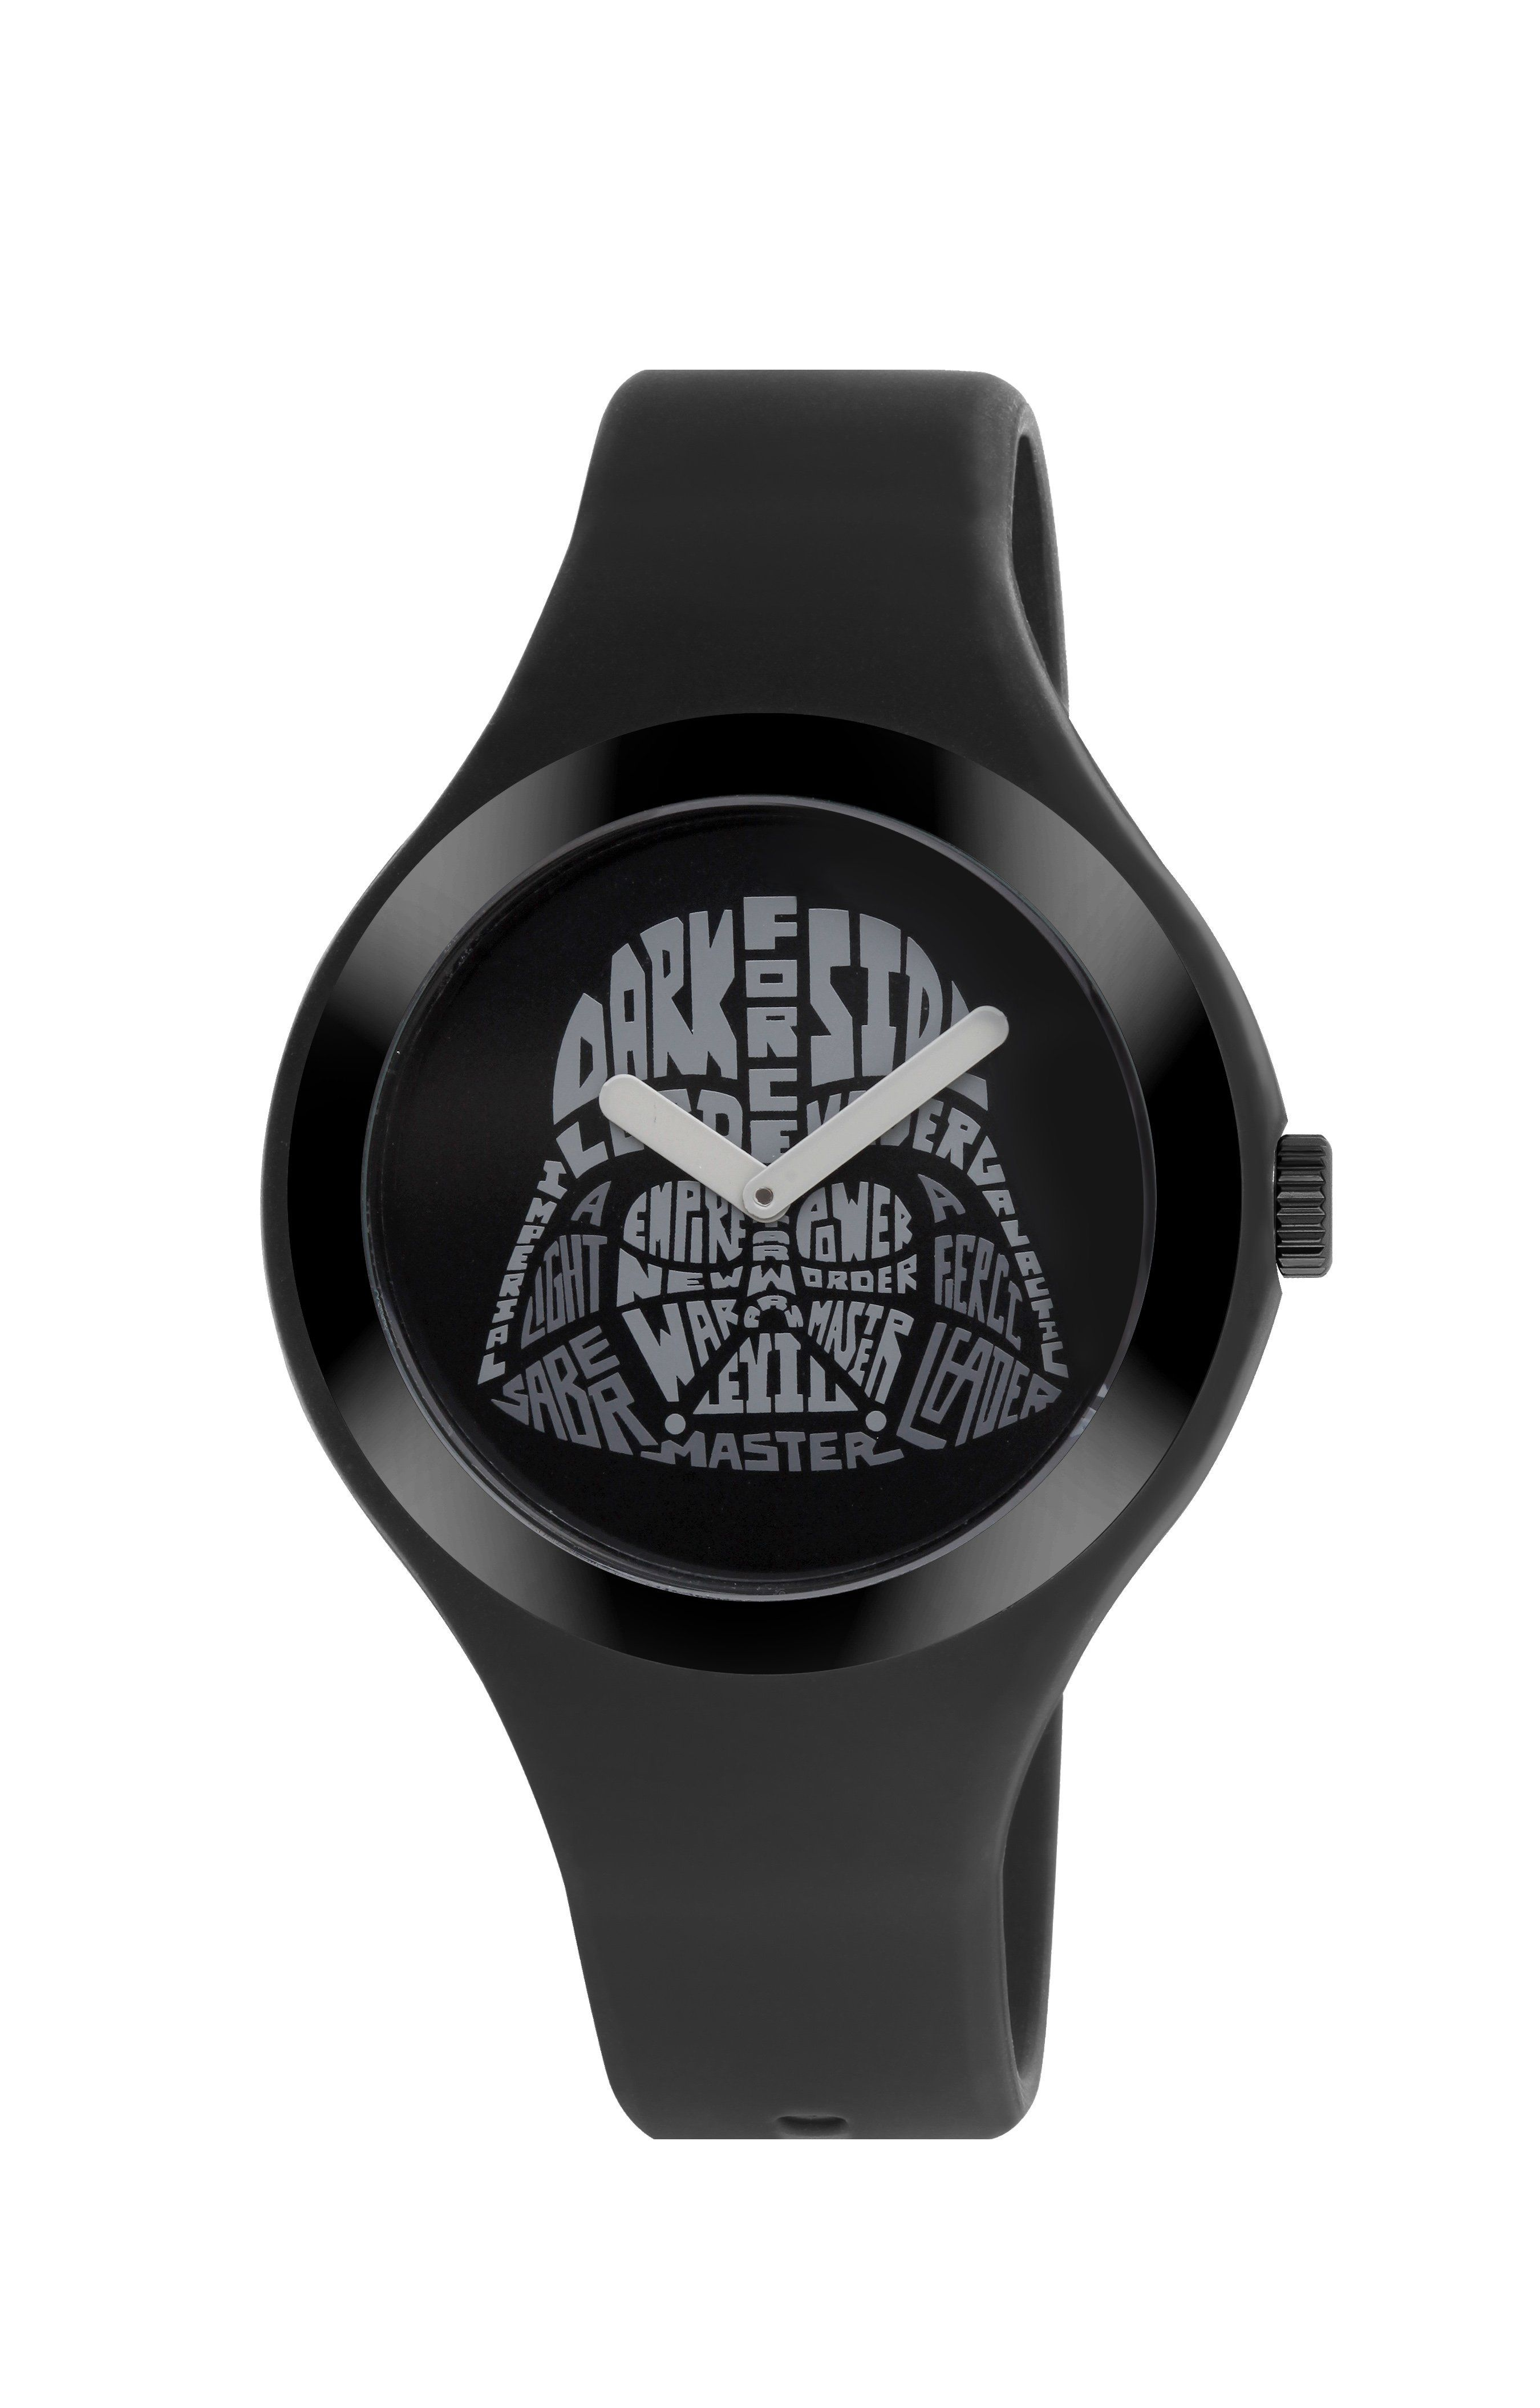 AM PM Star Wars Unisex Darth Vader Watch Black Silicone Strap SP161-U383 b828d346f4f